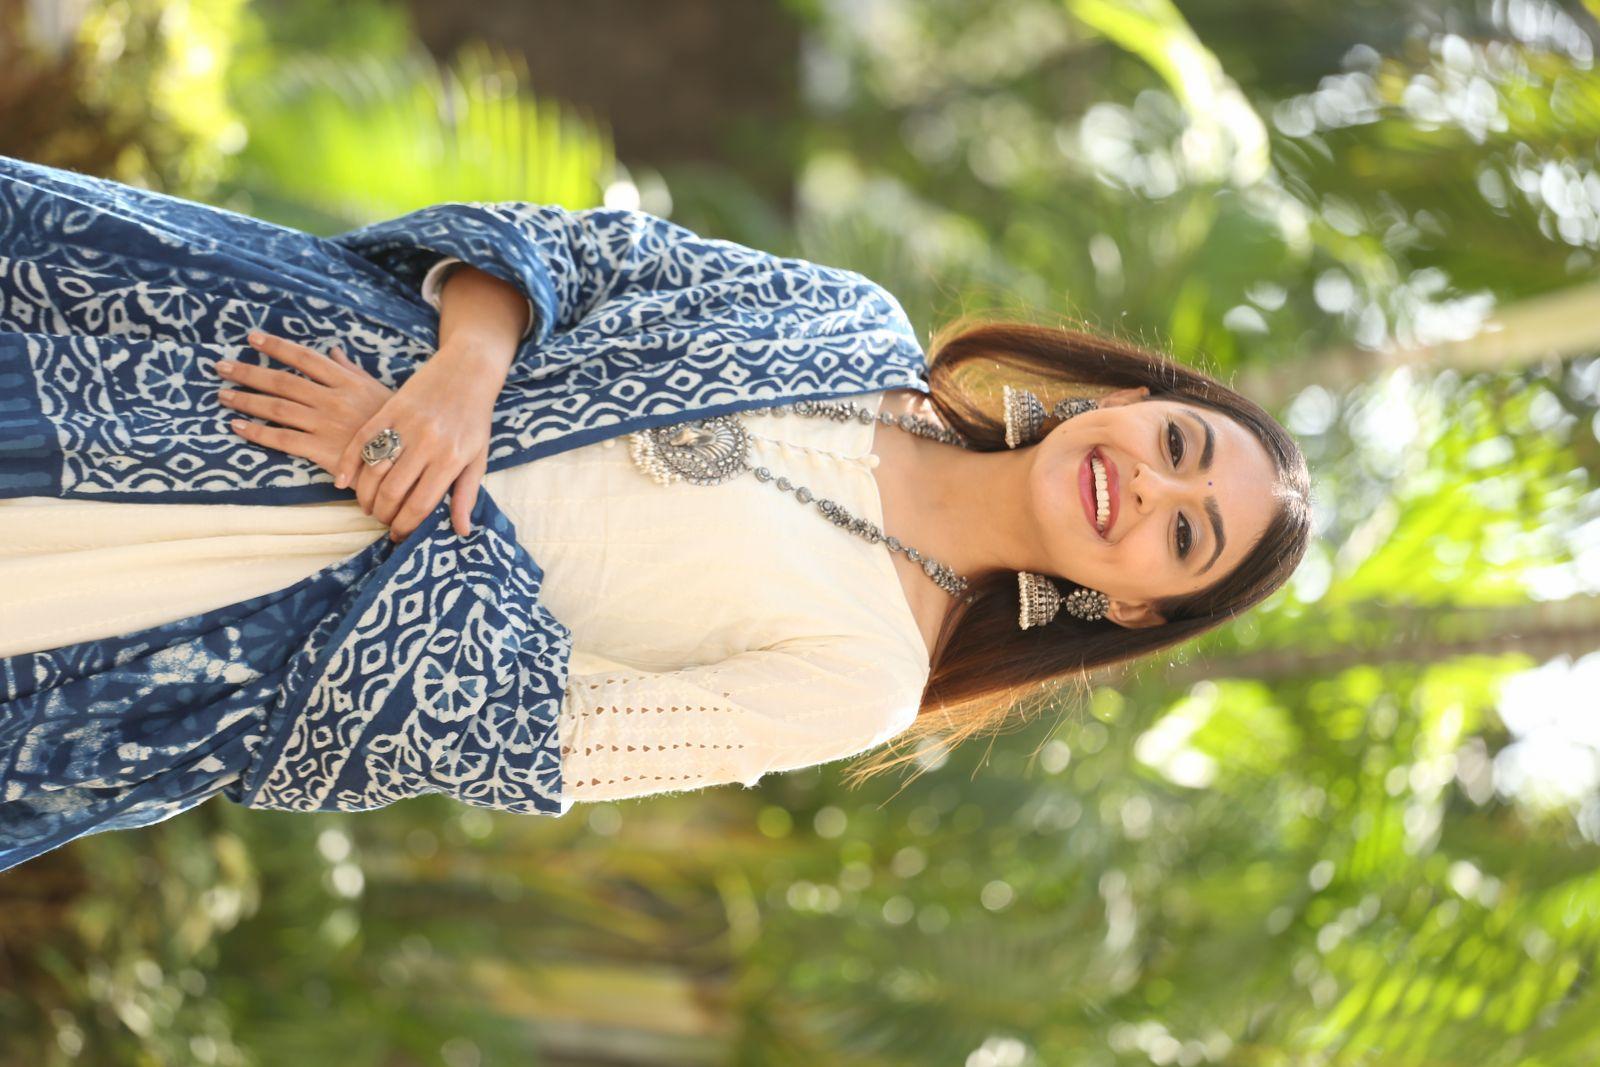 Actress Miyra Hot Pics and Photos HD